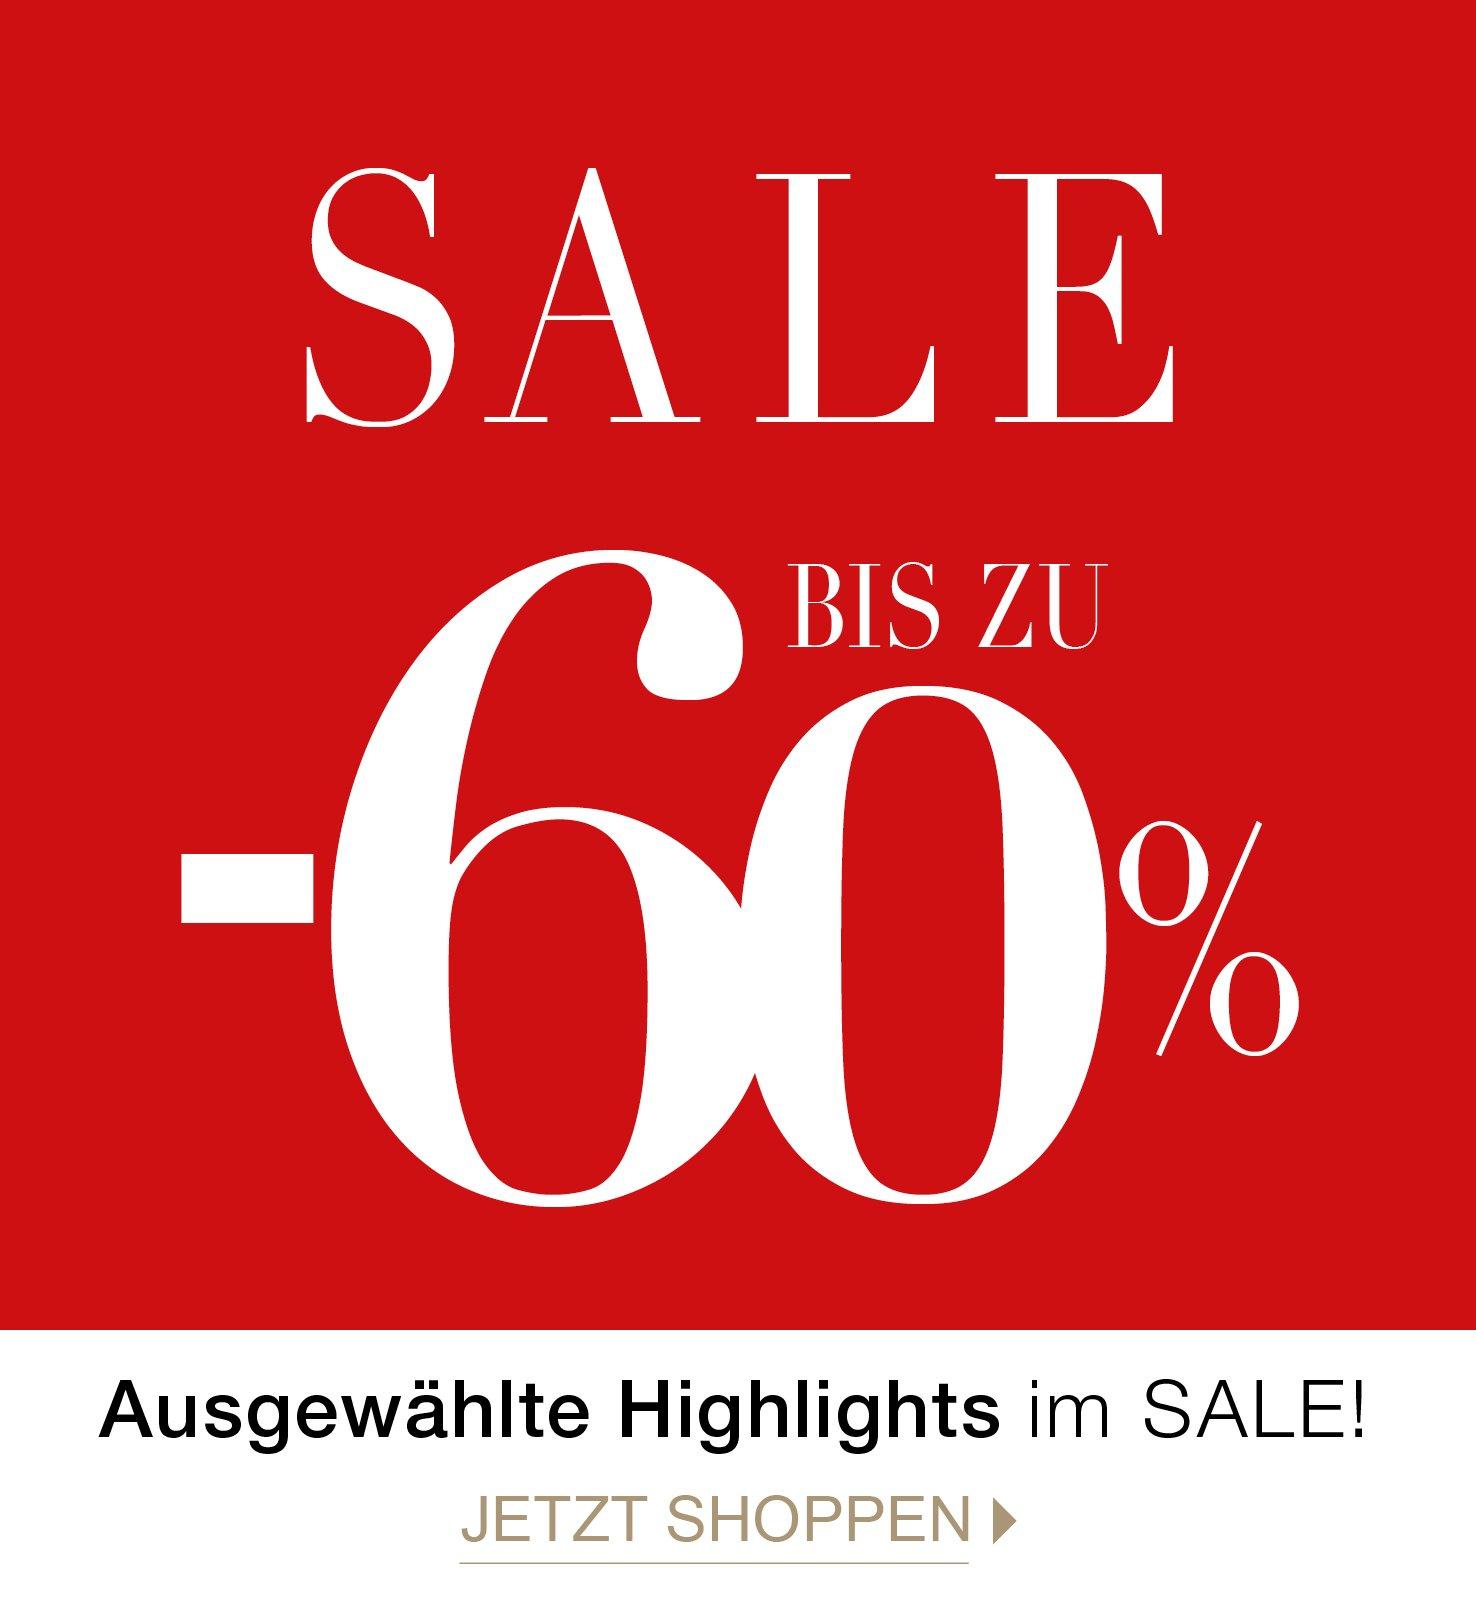 Textil Winkler | Ihr Online Shop für Schuhe und Mode, Seite 6